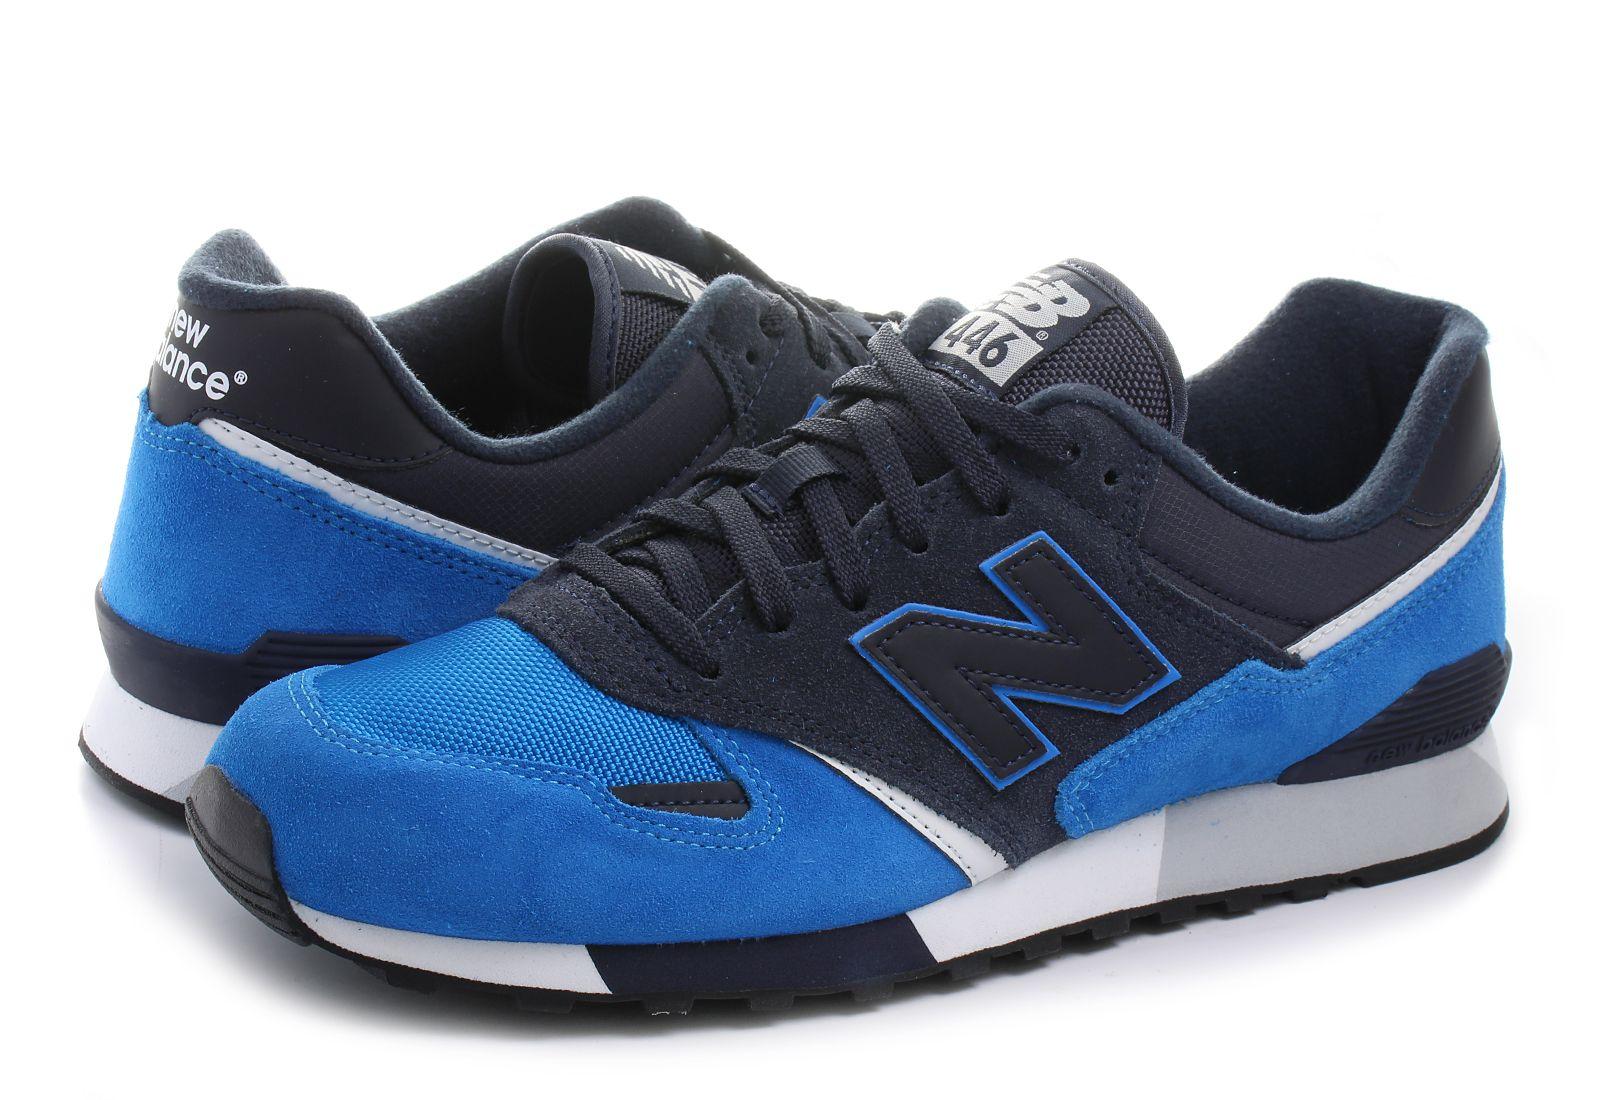 New Balance Cipő - U446 - U446LBW - Office Shoes Magyarország 264e6b8450